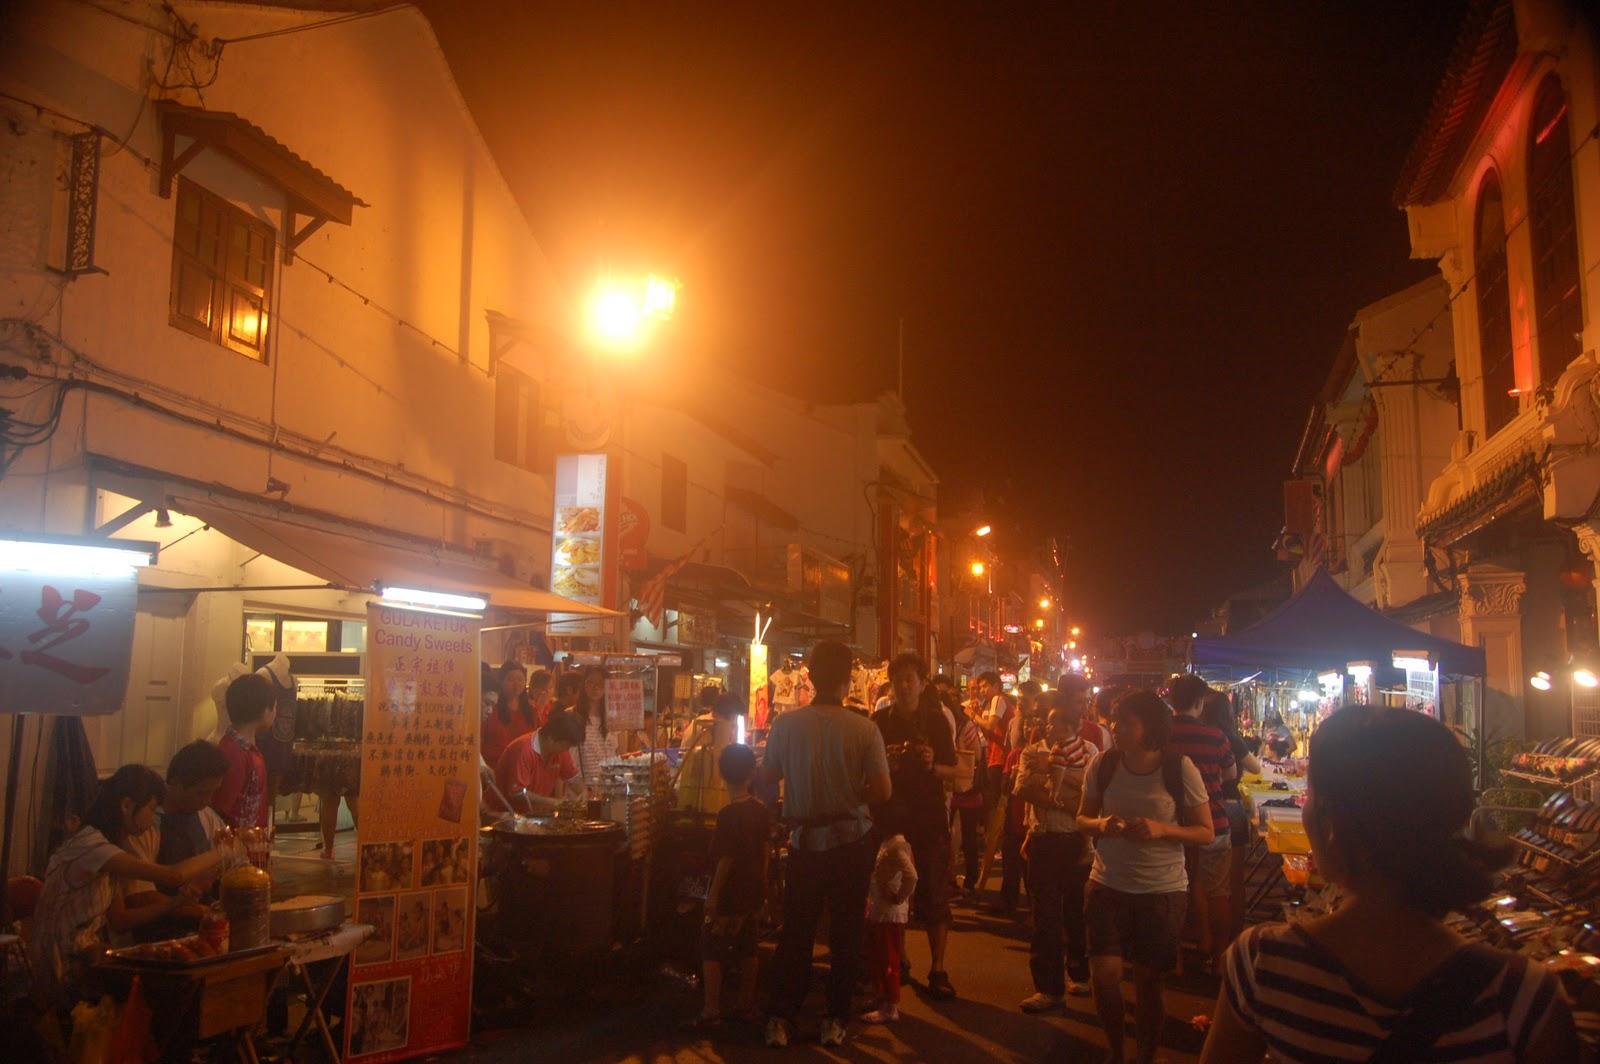 Inilah Lokasi Wisata Kuliner Populer Kota Medan Hampir Sama Hal